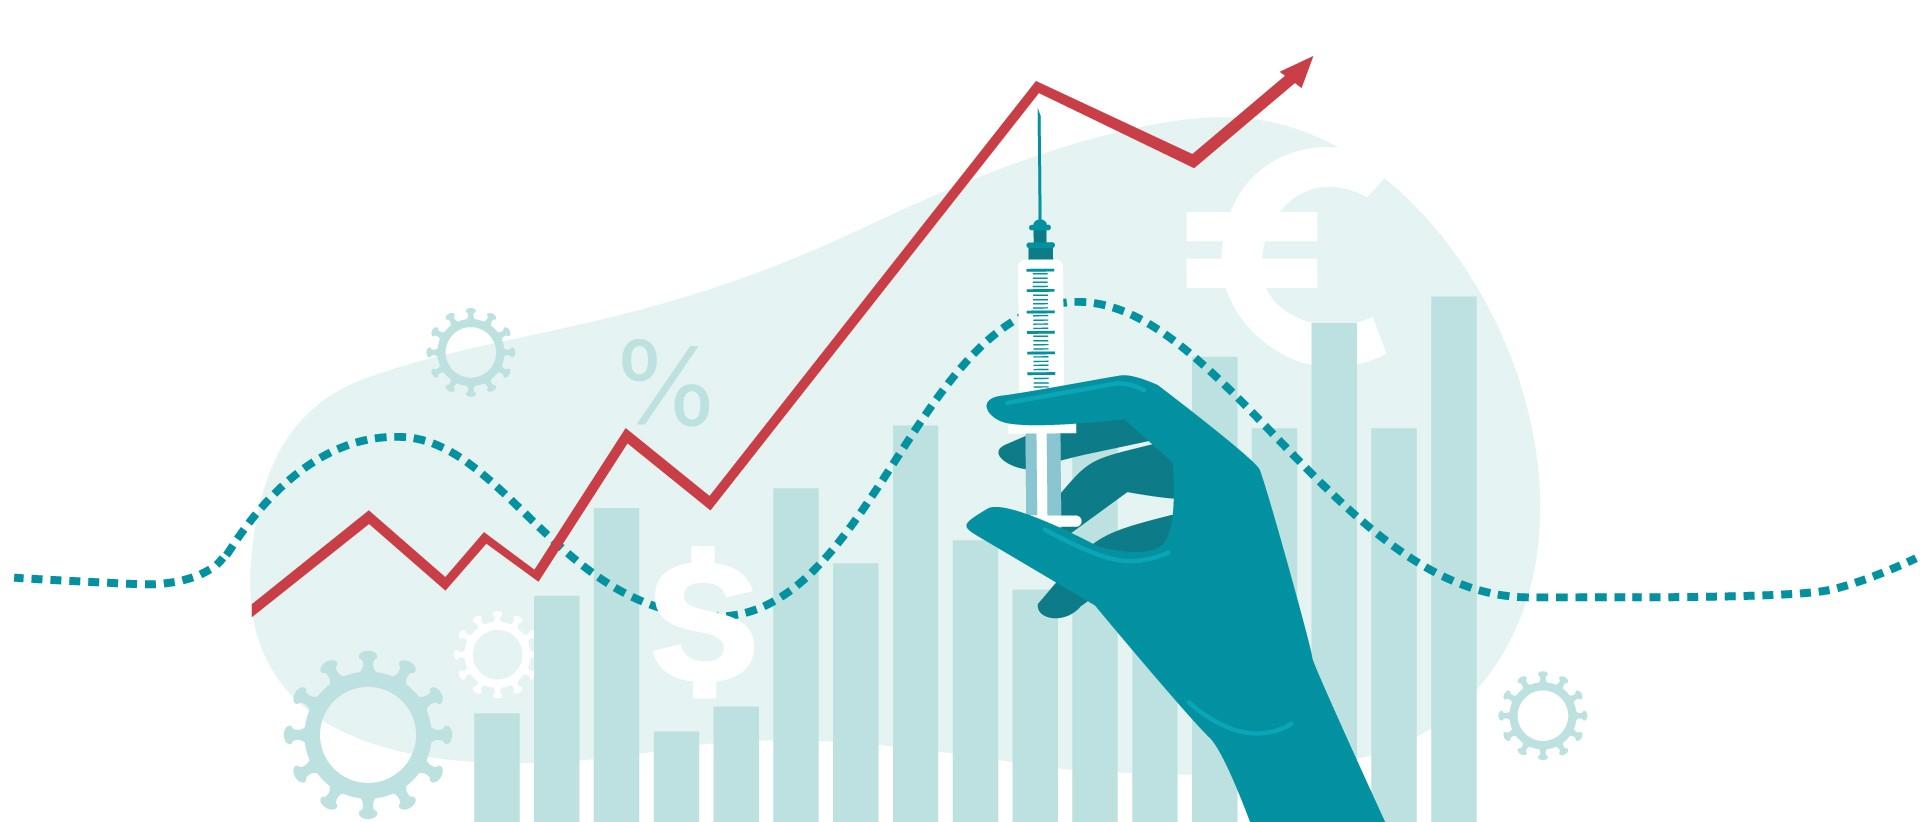 Δημ. Παπαδημούλης/ Η πανδημία ως πρόκληση για αναμόρφωση της ευρωπαϊκής δημοσιονομικής πολιτικής